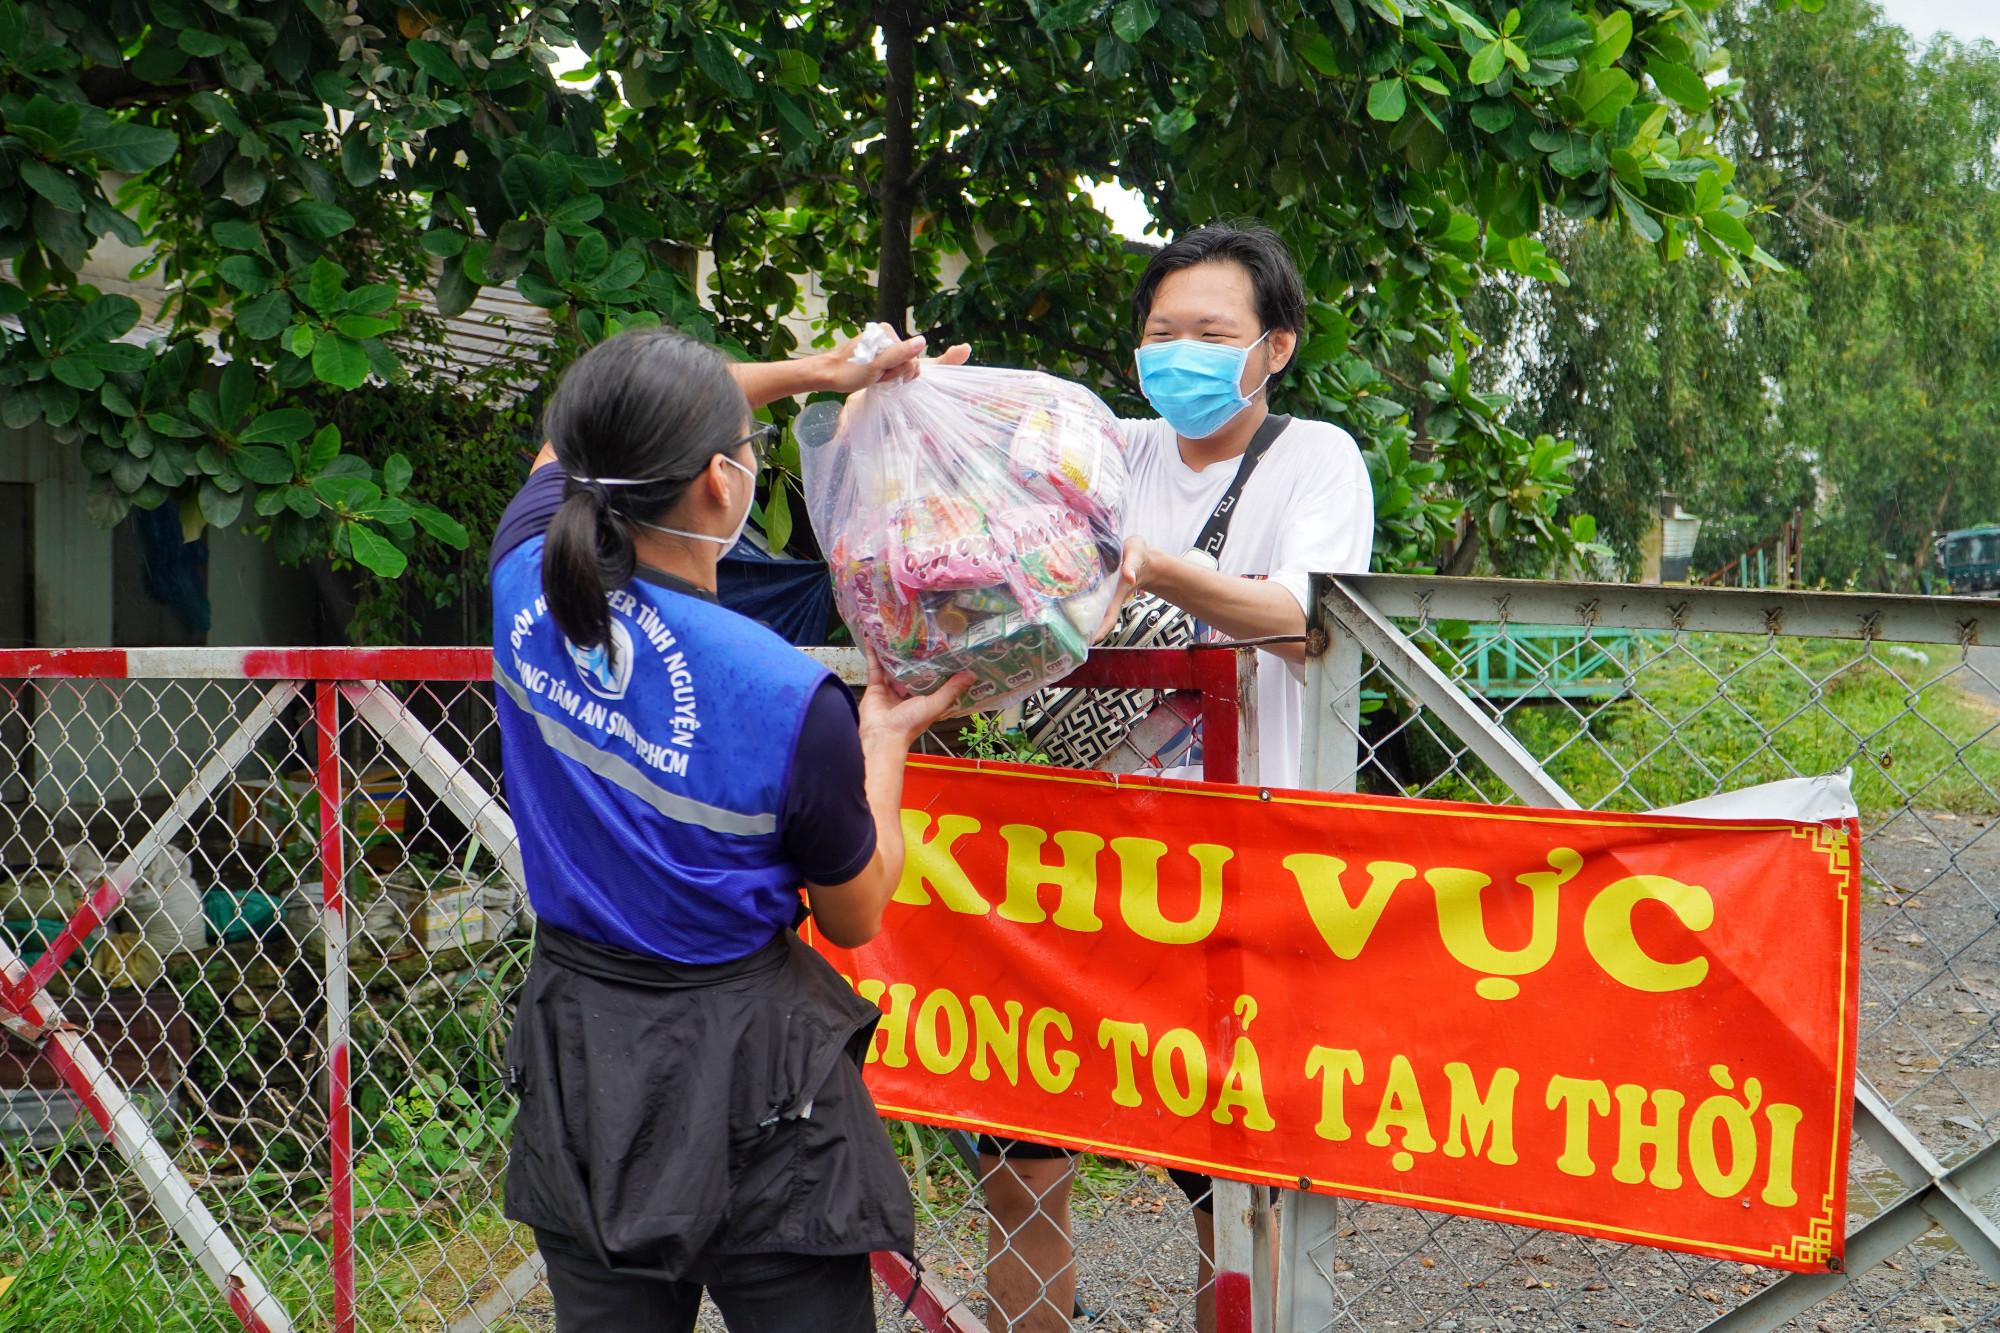 Tình nguyện viên đội SOS giao túi an sinh trực tiếp cho người dân khó khăn